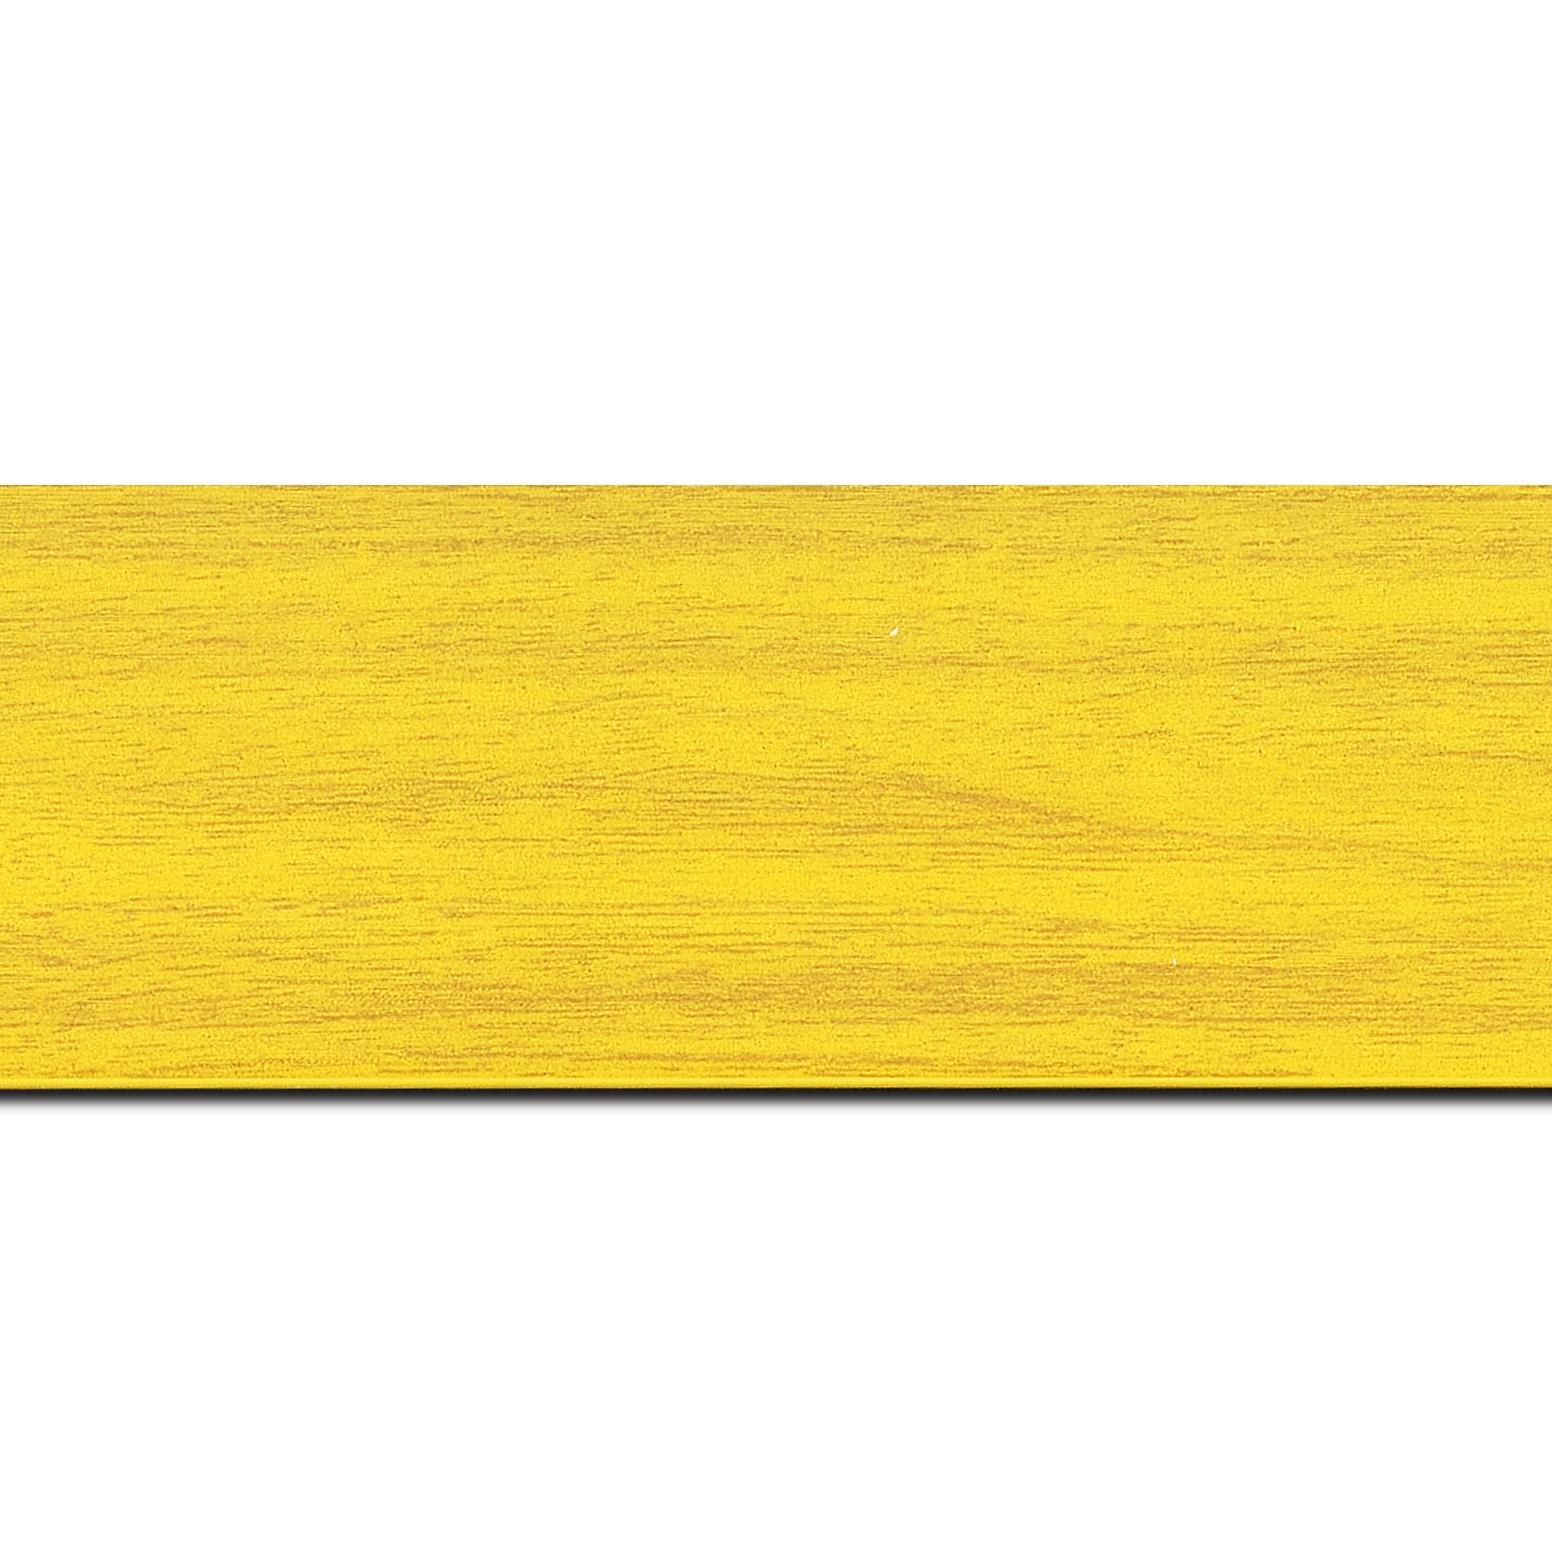 Baguette longueur 1.40m bois profil plat largeur 6cm jaune satiné effet veiné ,chant extérieur du cadre de couleur noire